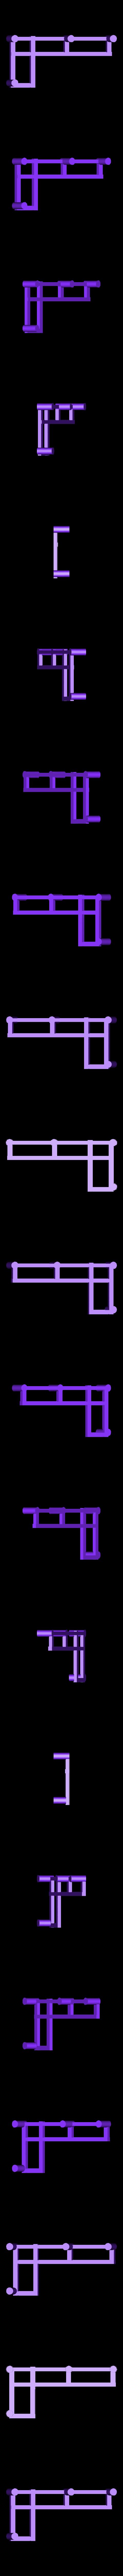 jettybase1.stl Télécharger fichier STL gratuit Le moulin • Design pour imprimante 3D, Earsling